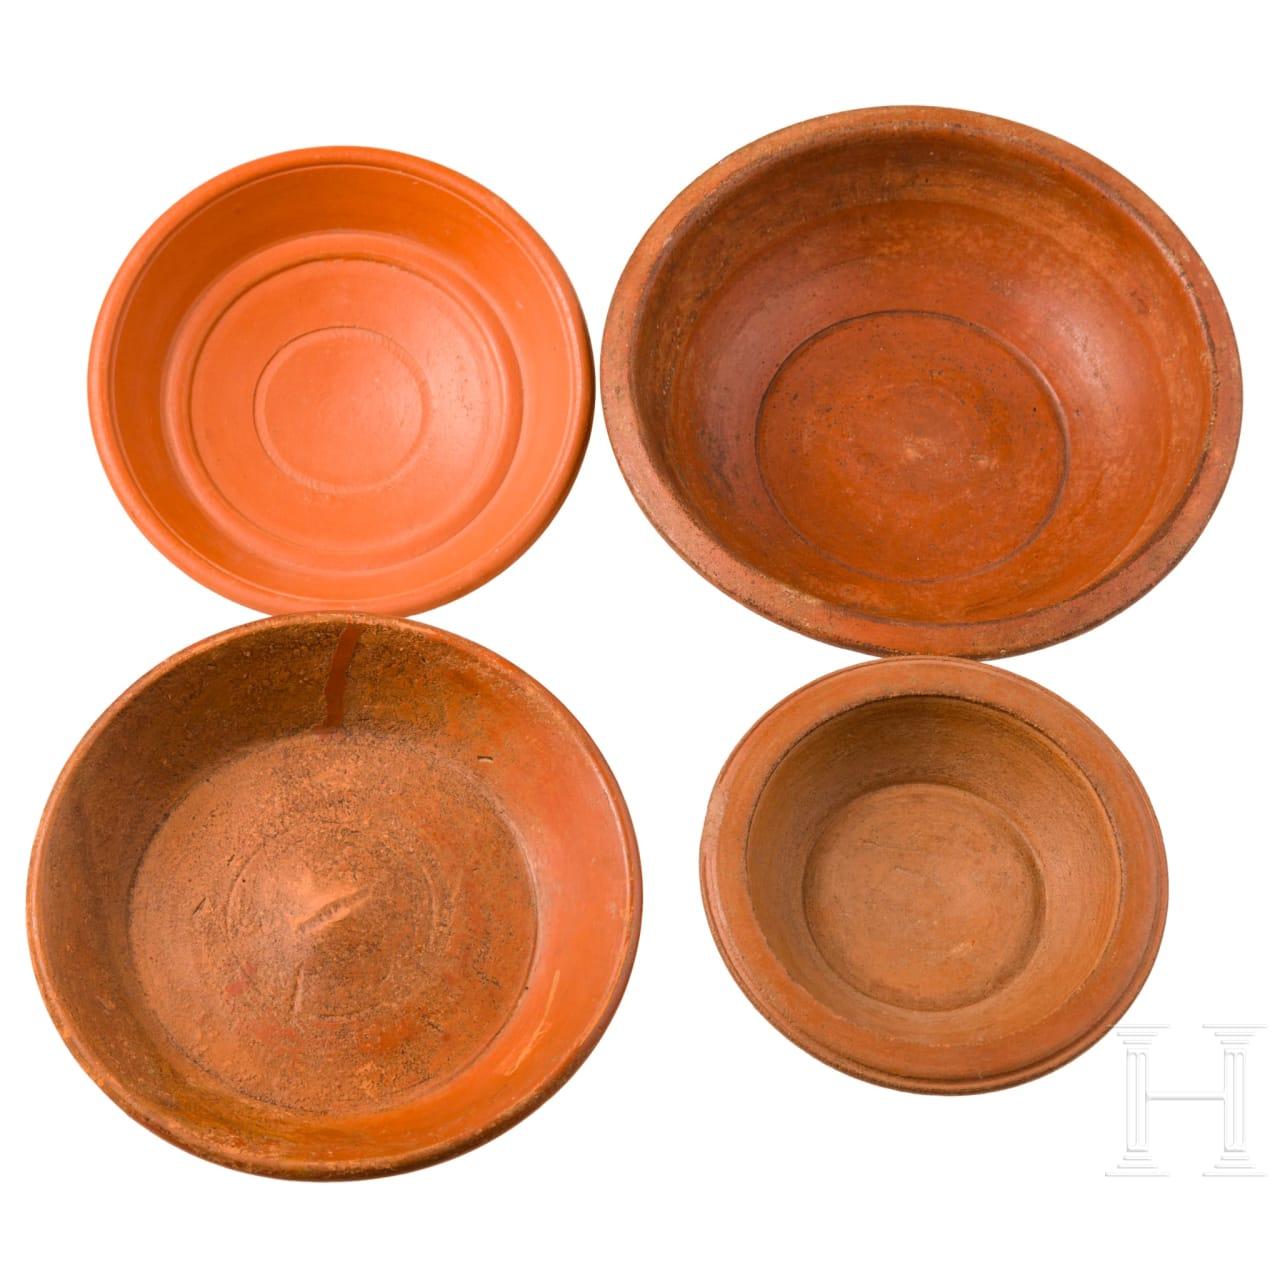 Vier Terra Sigillata-Schalen, römisch, 2. - 3. Jhdt.